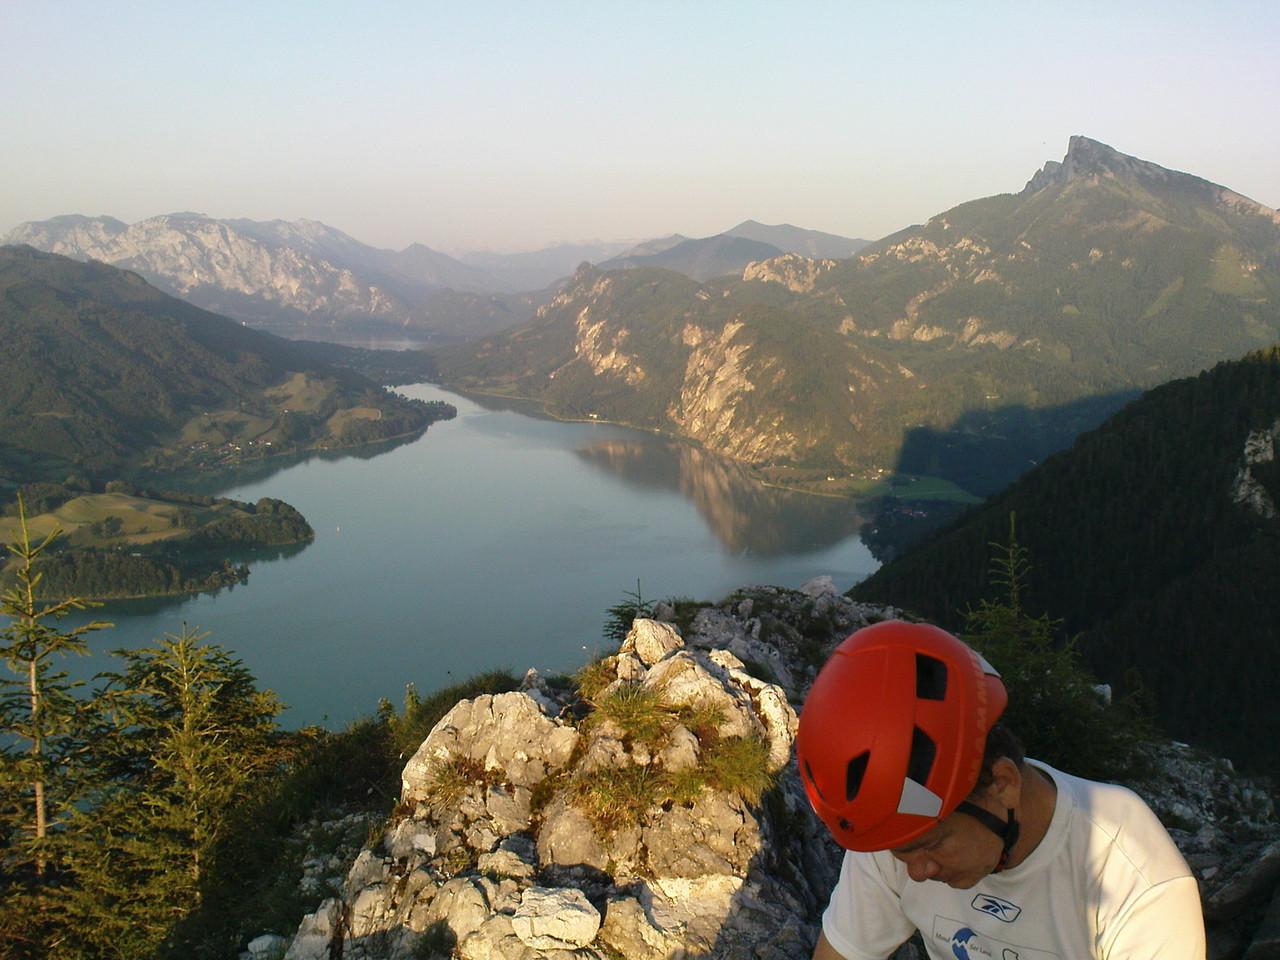 Drachenwand - über Klettersteig, Aussicht auf Mondsee u Attersee,toll!